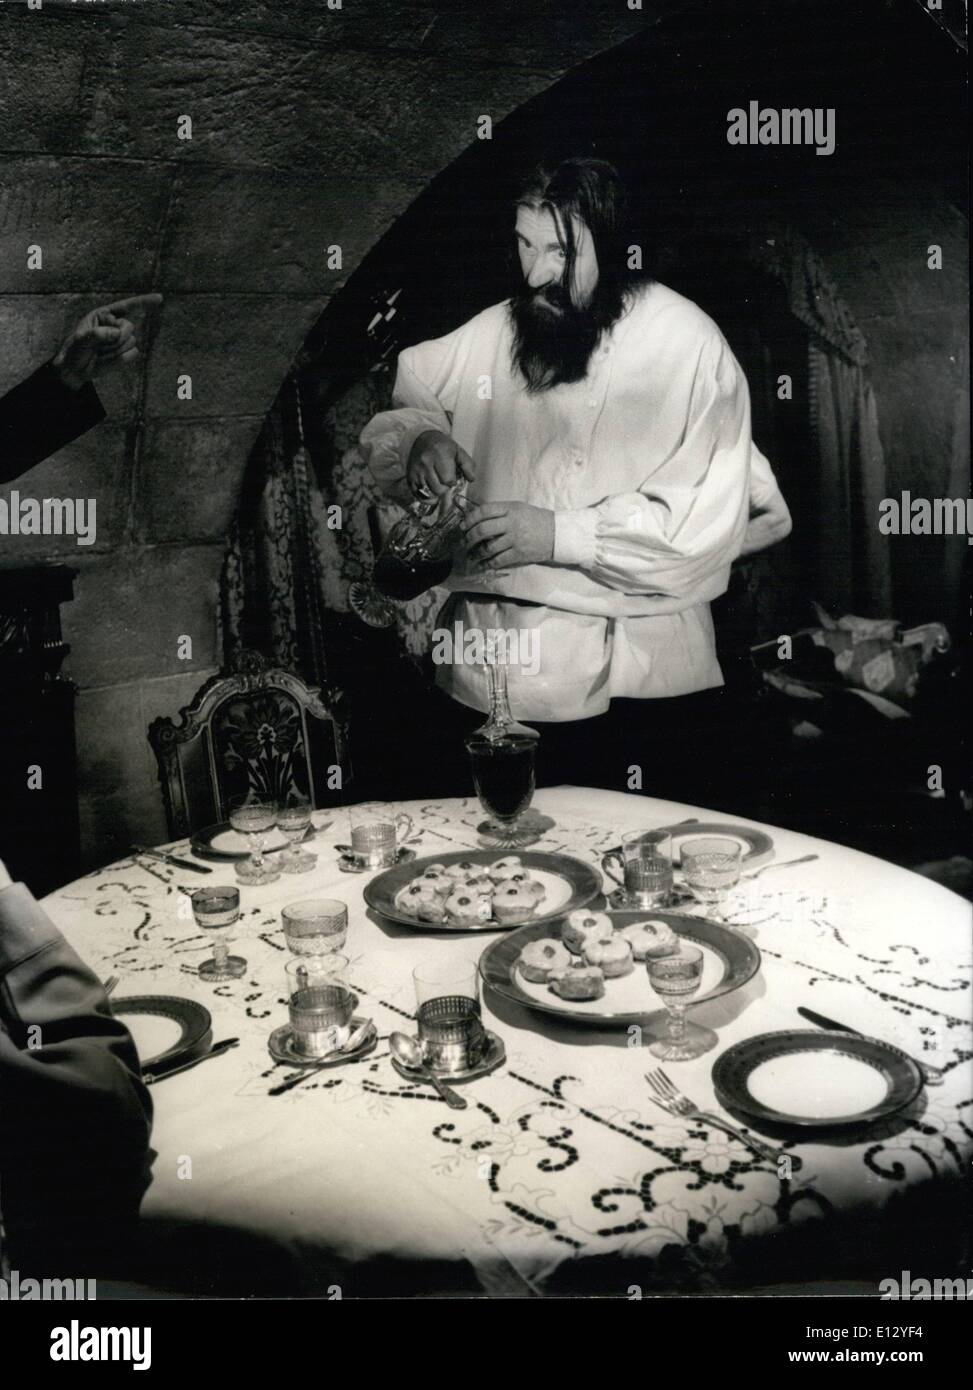 Febbraio 26, 2012 - Rasputin giocato da Gert Froebe. Immagini Stock